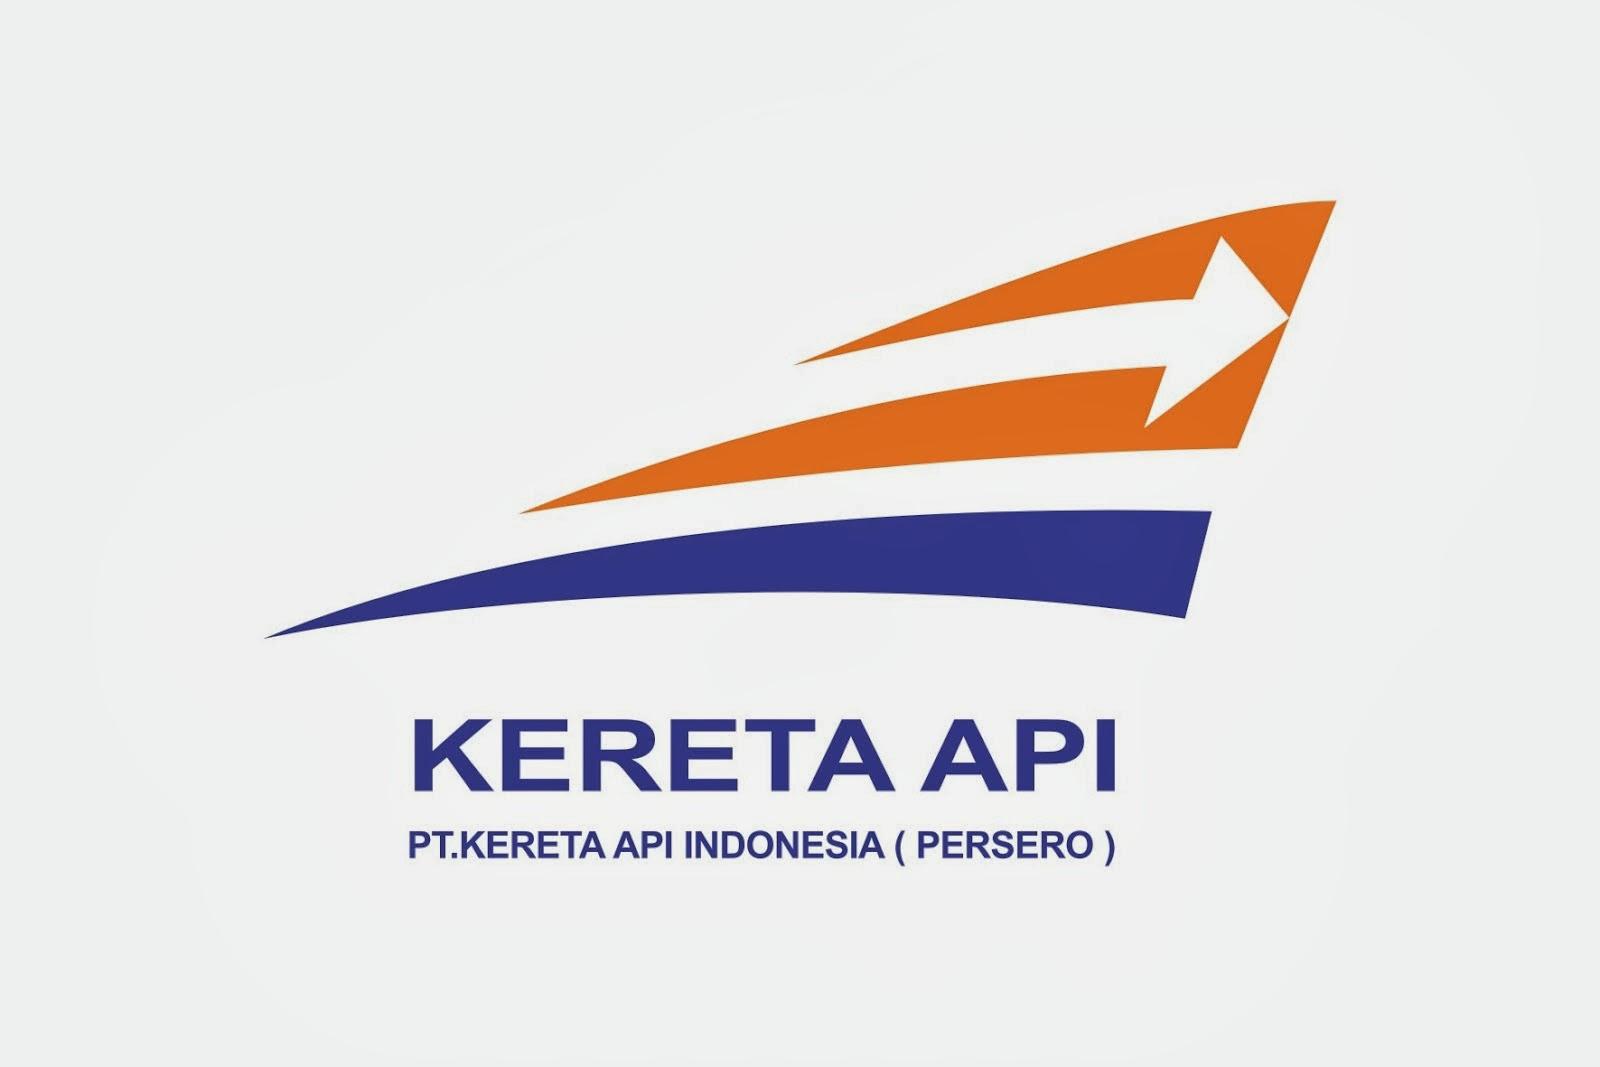 LOGO KERETA API  Gambar Logo